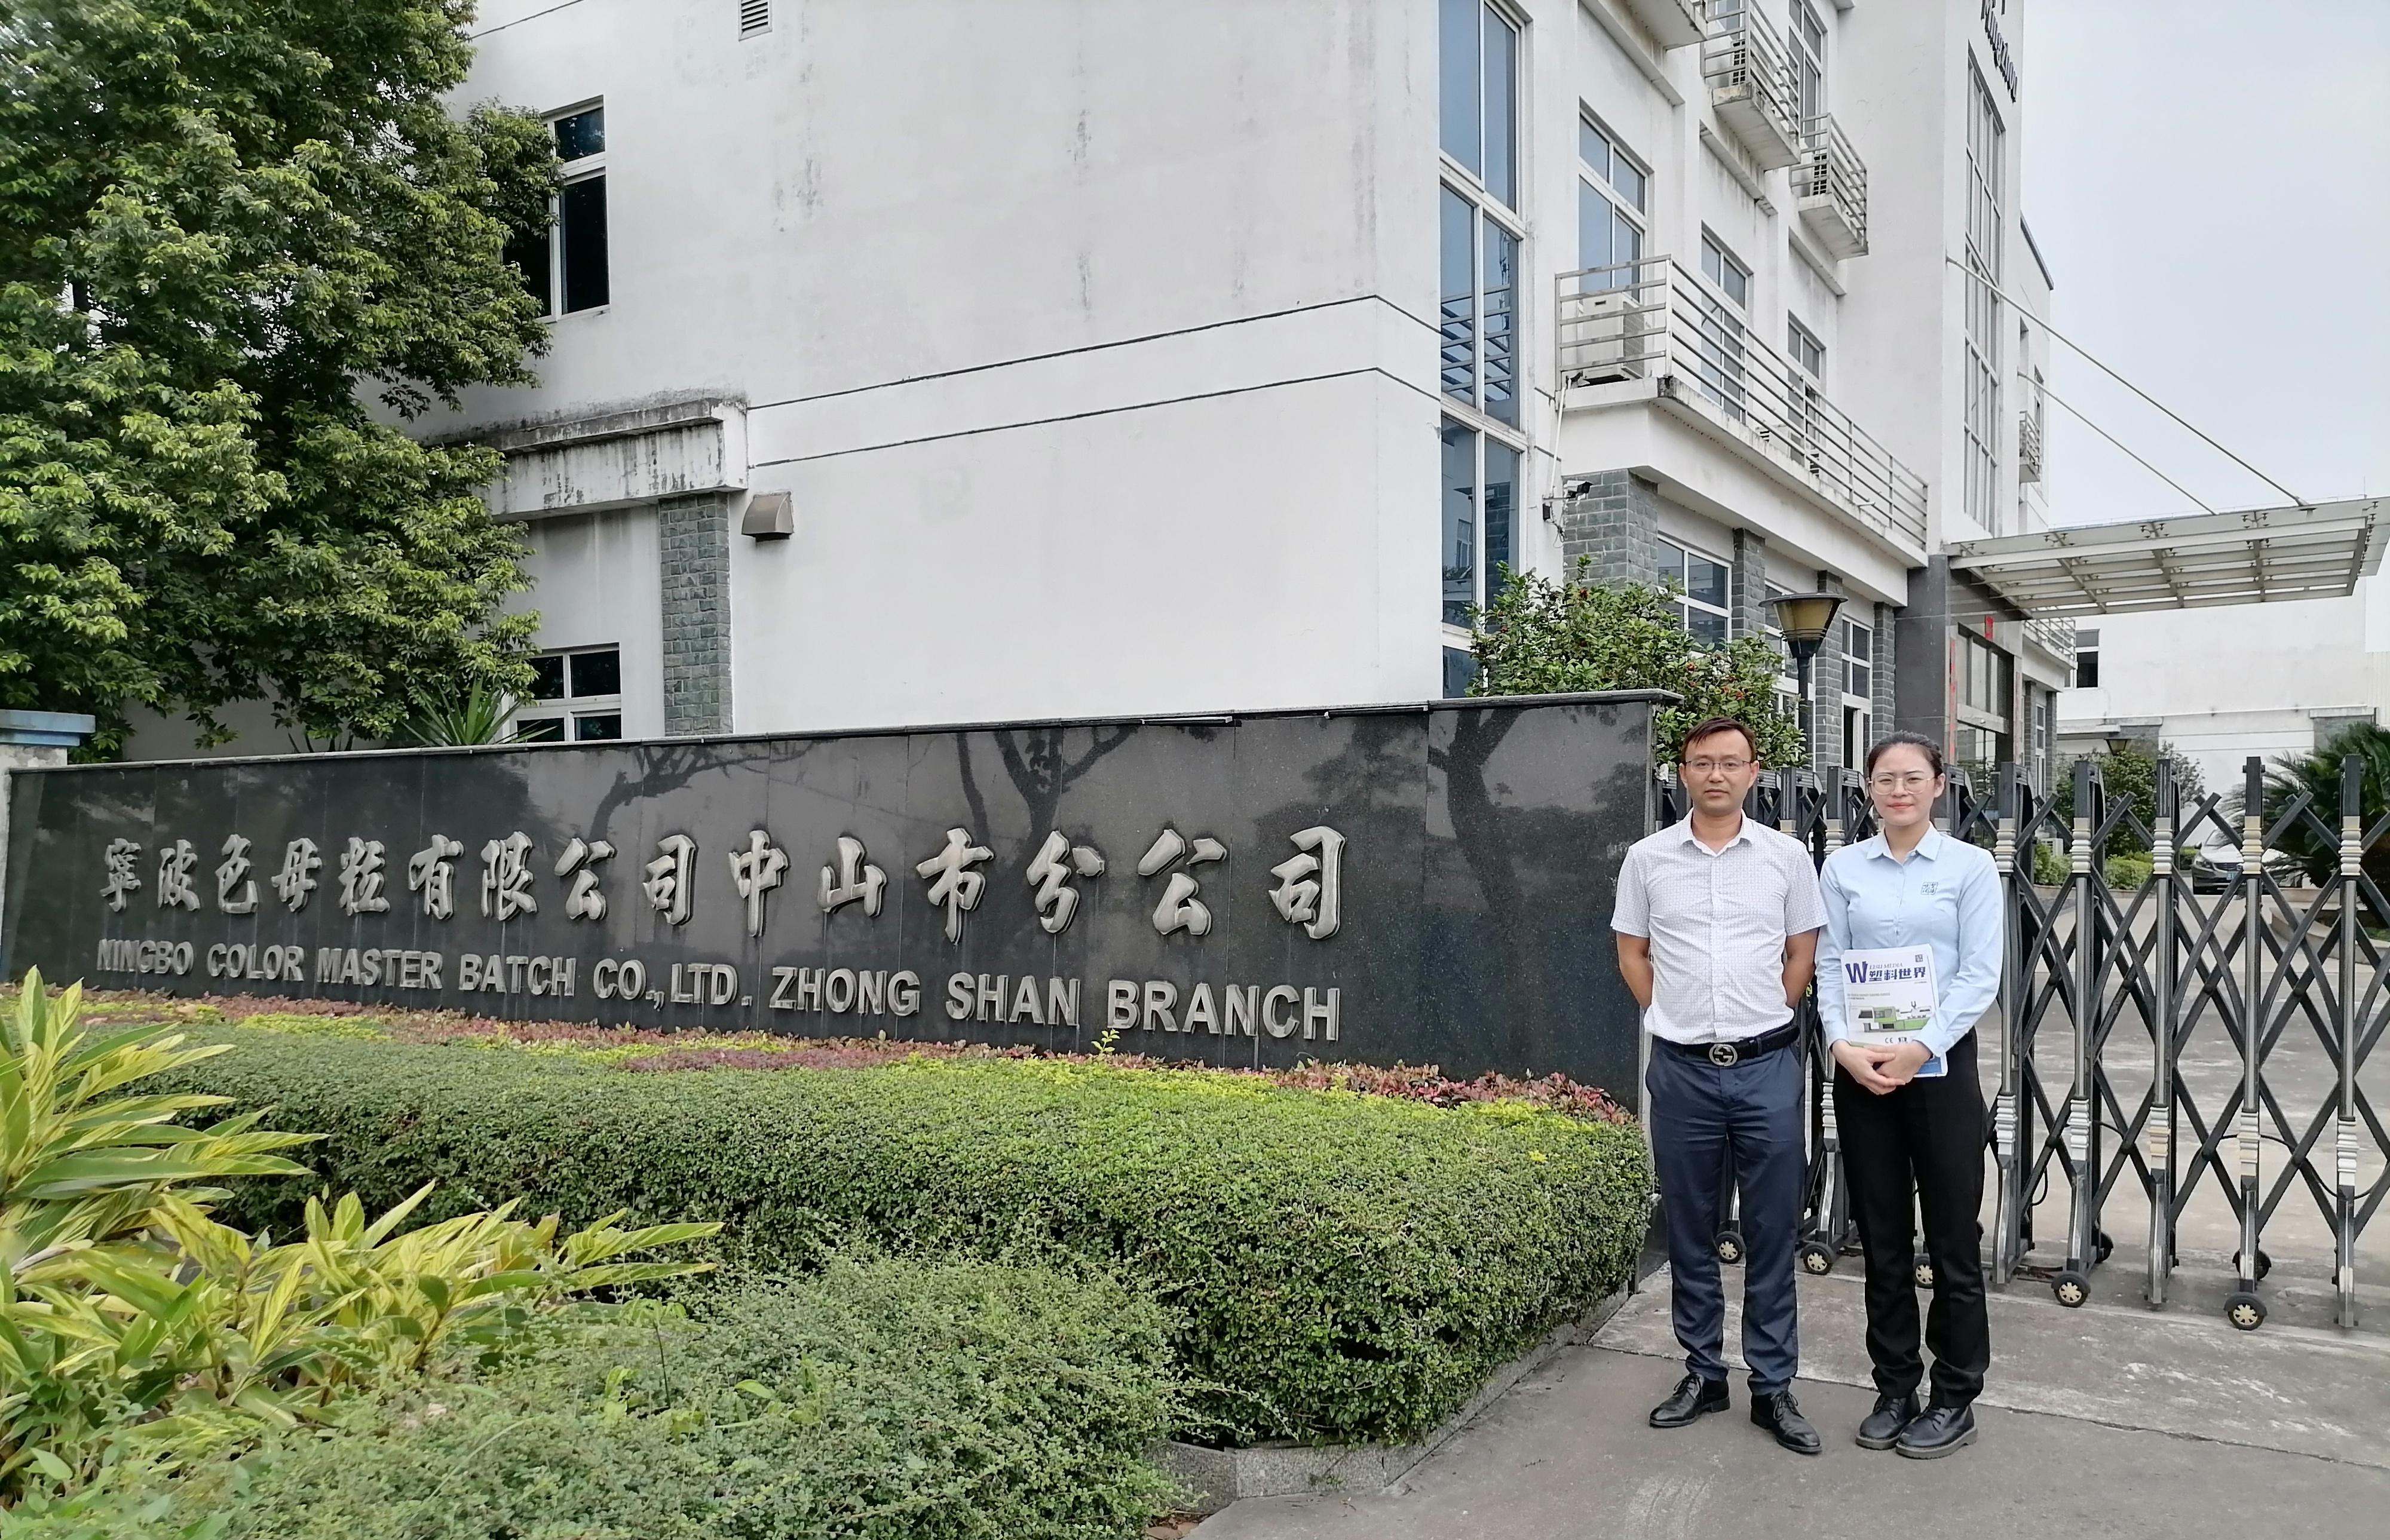 宁波色母粒股份有限公司中山分公司